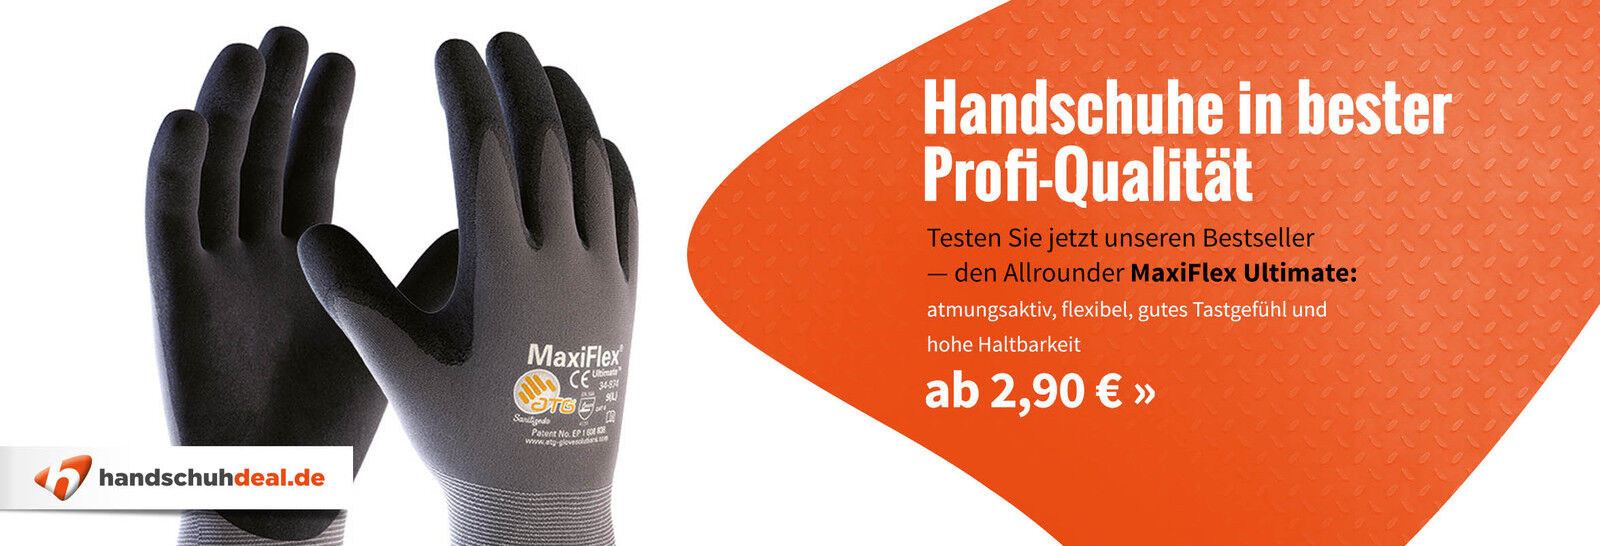 handschuhdeal.de